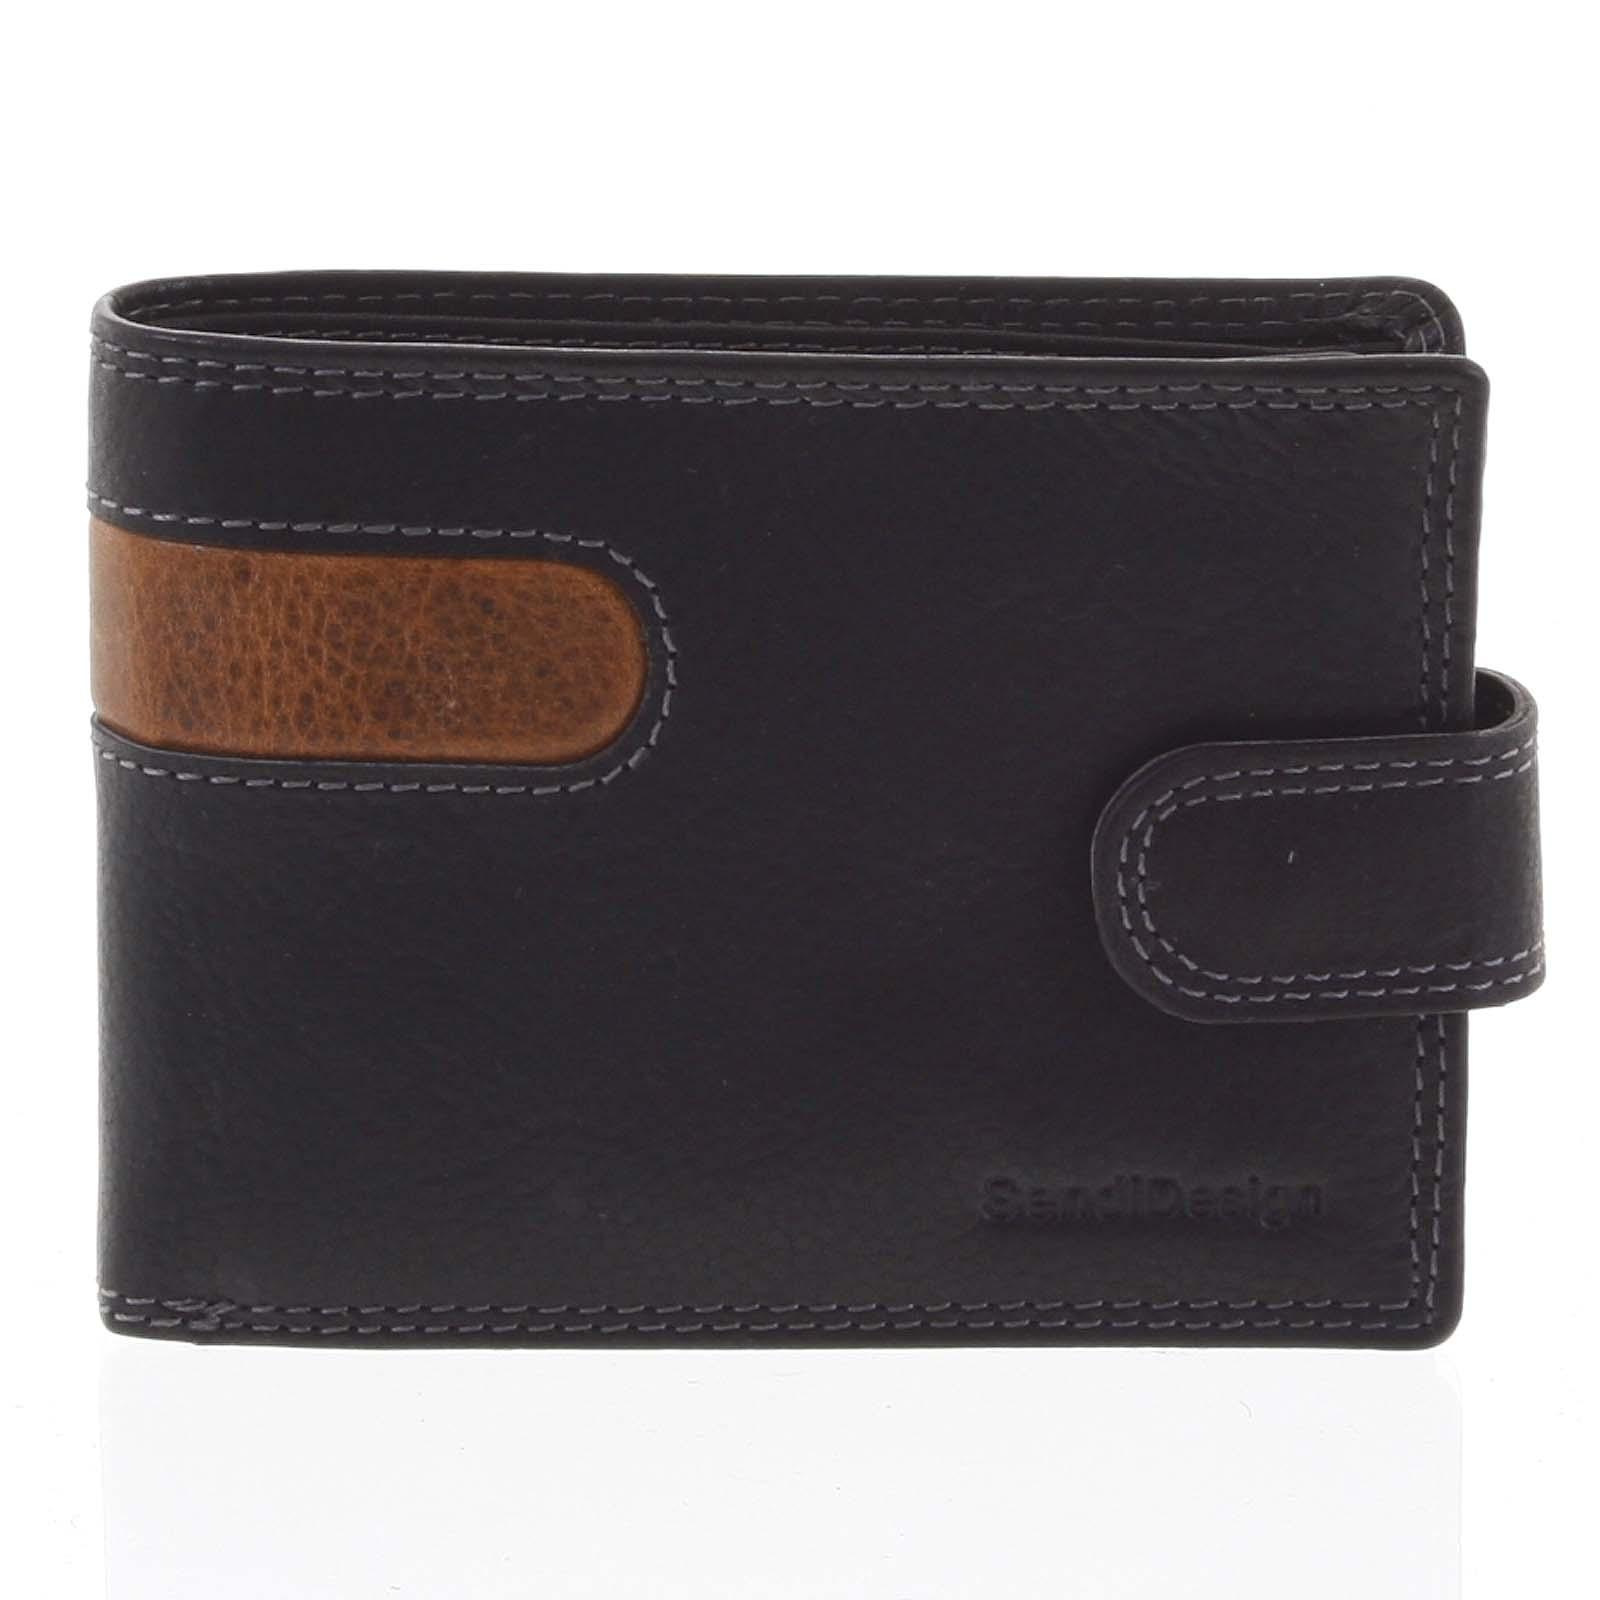 Oblíbená pánská kožená peněženka černá - SendiDesign Igeal